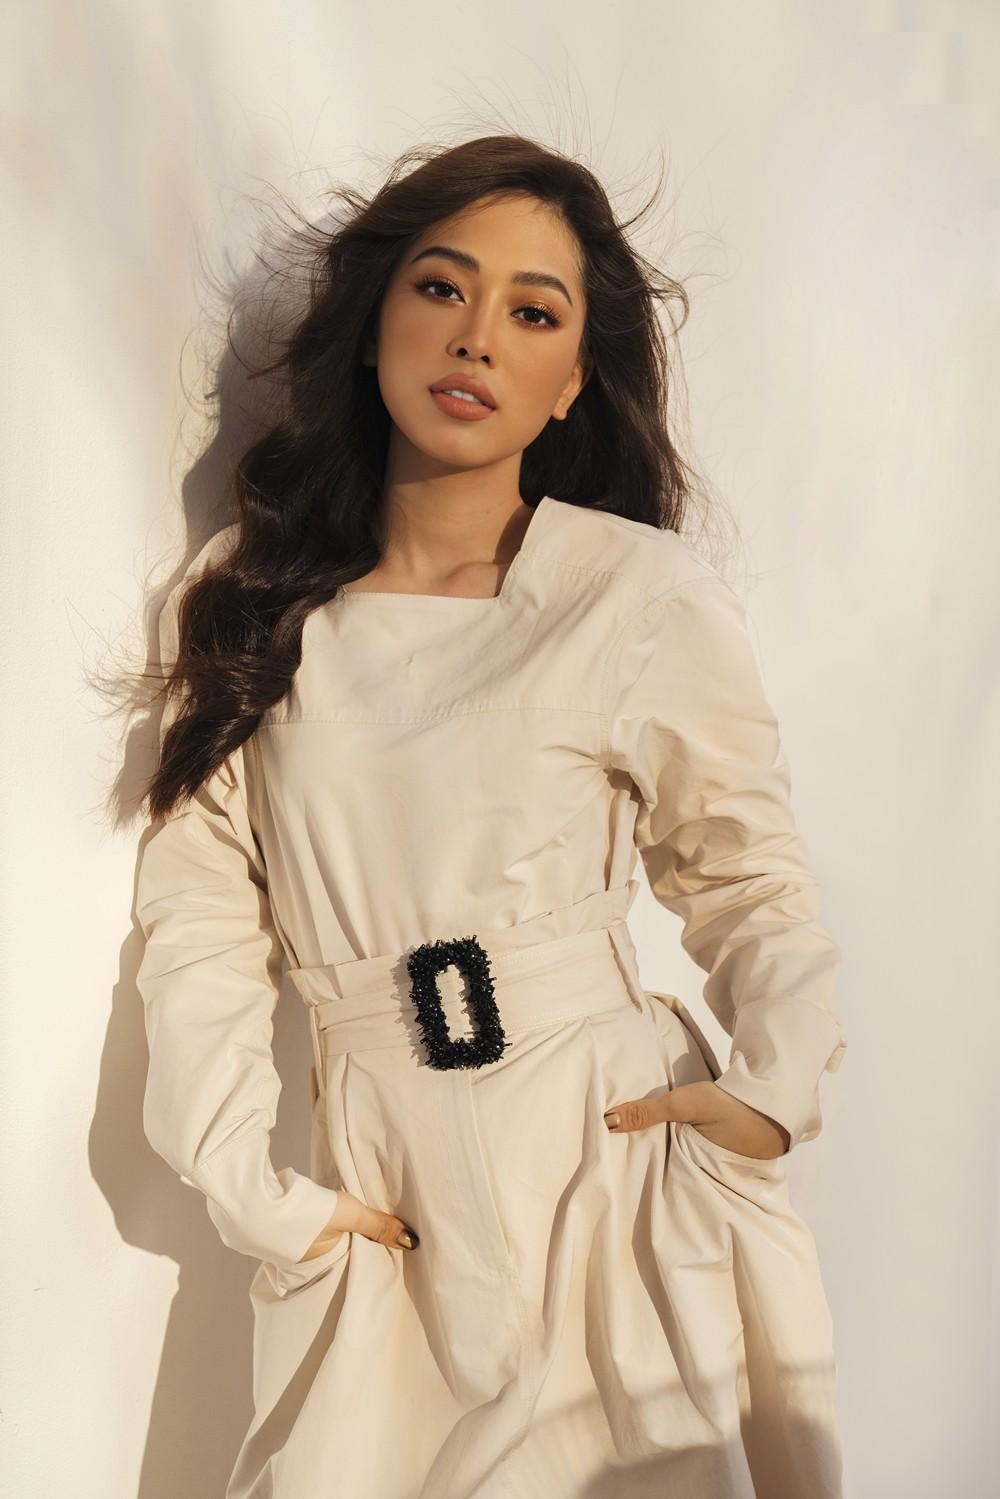 Với gương mặt xinh đẹp, làn da trắng trẻo và lợi thế về ngoại hình, Bùi Phương Nga luôn là một cái tên nhận được sự ưu ái và quan tâm của khán giả. Ngay sau khi đăng quang ngôi vị Á hậu 1 - Hoa hậu Việt Nam 2018, Bùi Phương Nga chính thức đại diện Việt Nam tại cuộc thi Miss Grand International. Với sự ủng hộ và bình chọn của khán giả, Bùi Phương Nga đã xuất sắc lọt vào Top 10 của cuộc thi đồng thời đánh dấu một bước ngoặt lớn cho nhan sắc Việt trên đấu trường quốc tế.